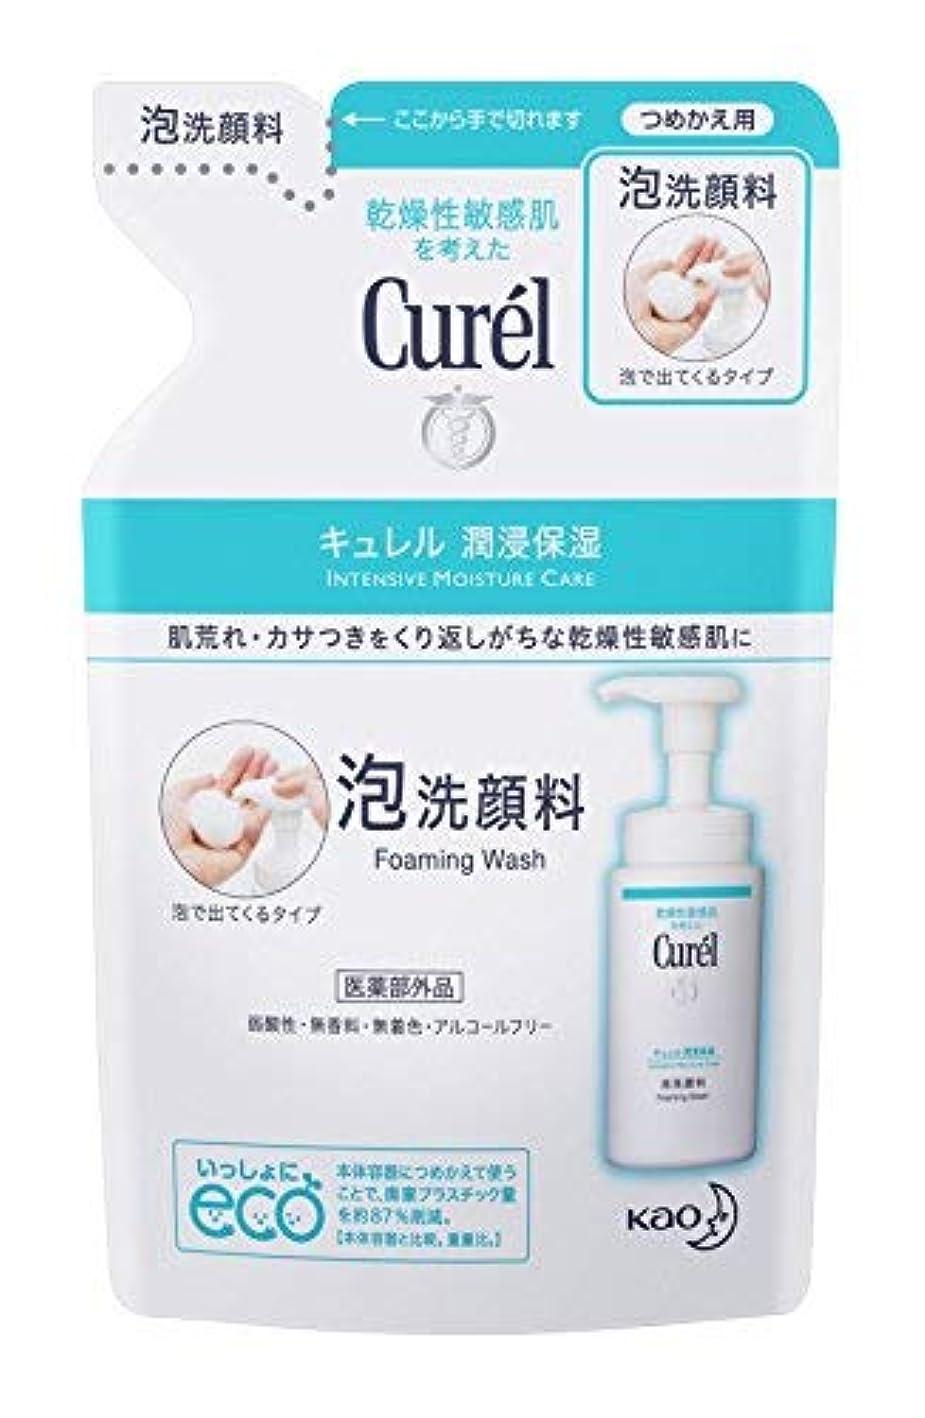 同意する財団頭痛花王 キュレル 泡洗顔料 つめかえ用 130ml × 12個セット